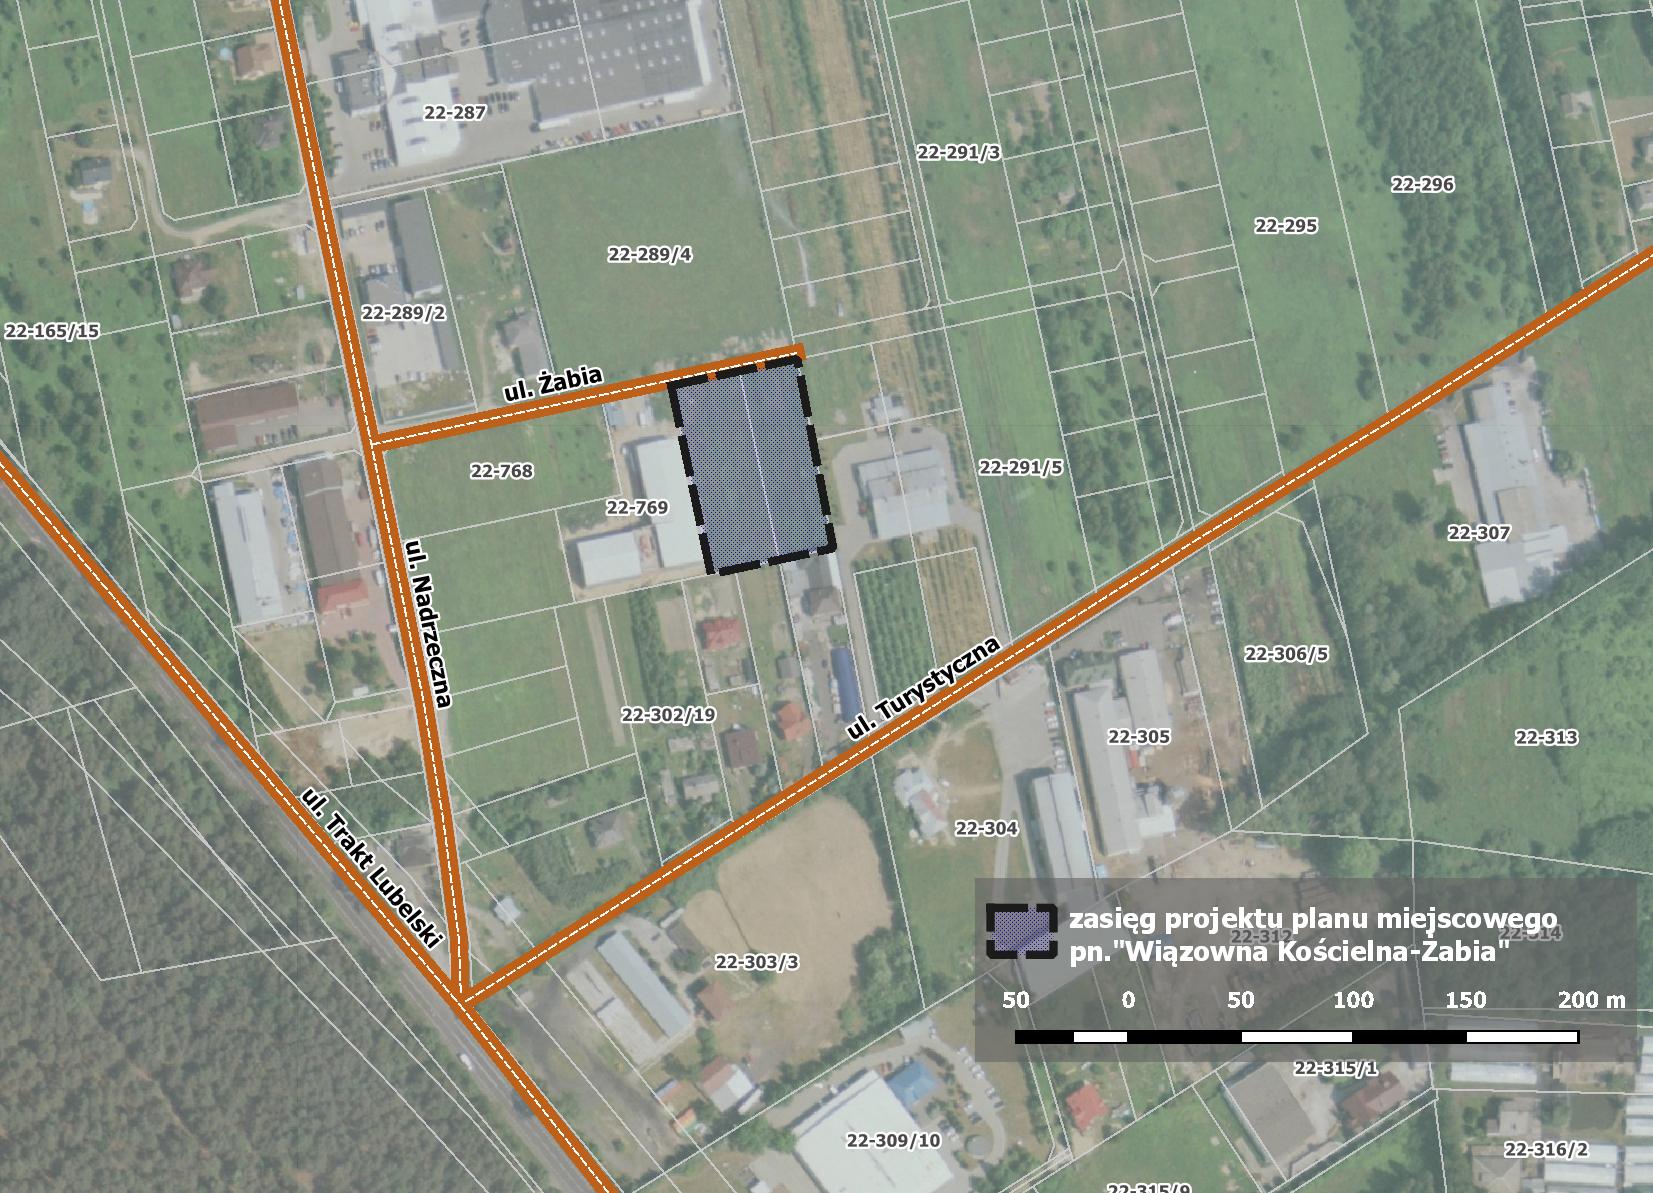 Mapa z zakresem nowego miejscowego planu zagospodarowania przestrzennego dla obszaru Żabia